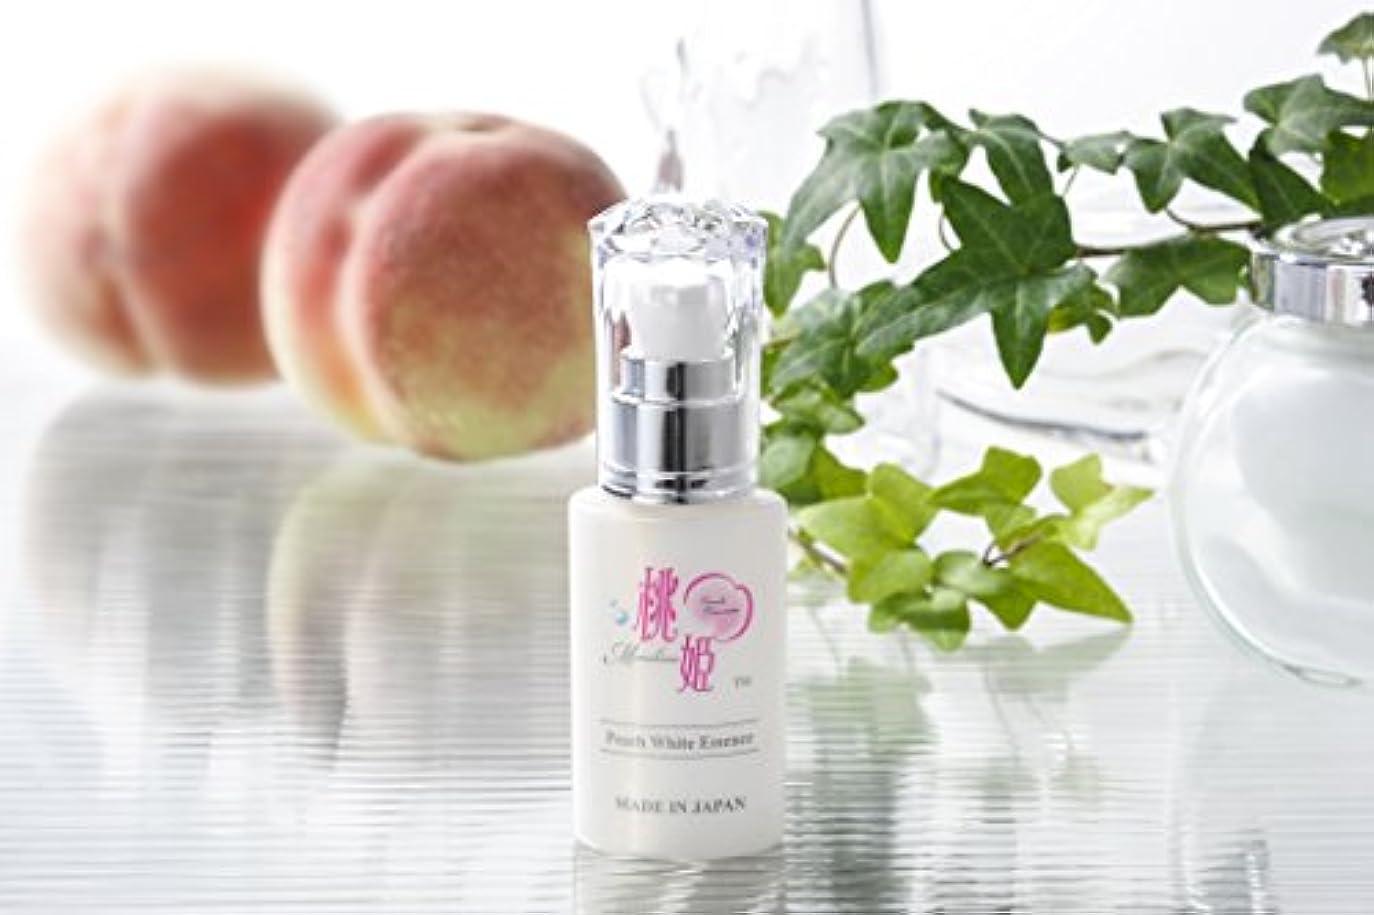 農場睡眠味方ピーチホワイトエッセンス(ハラール認証) Peach White Essence (Halal-Certified)